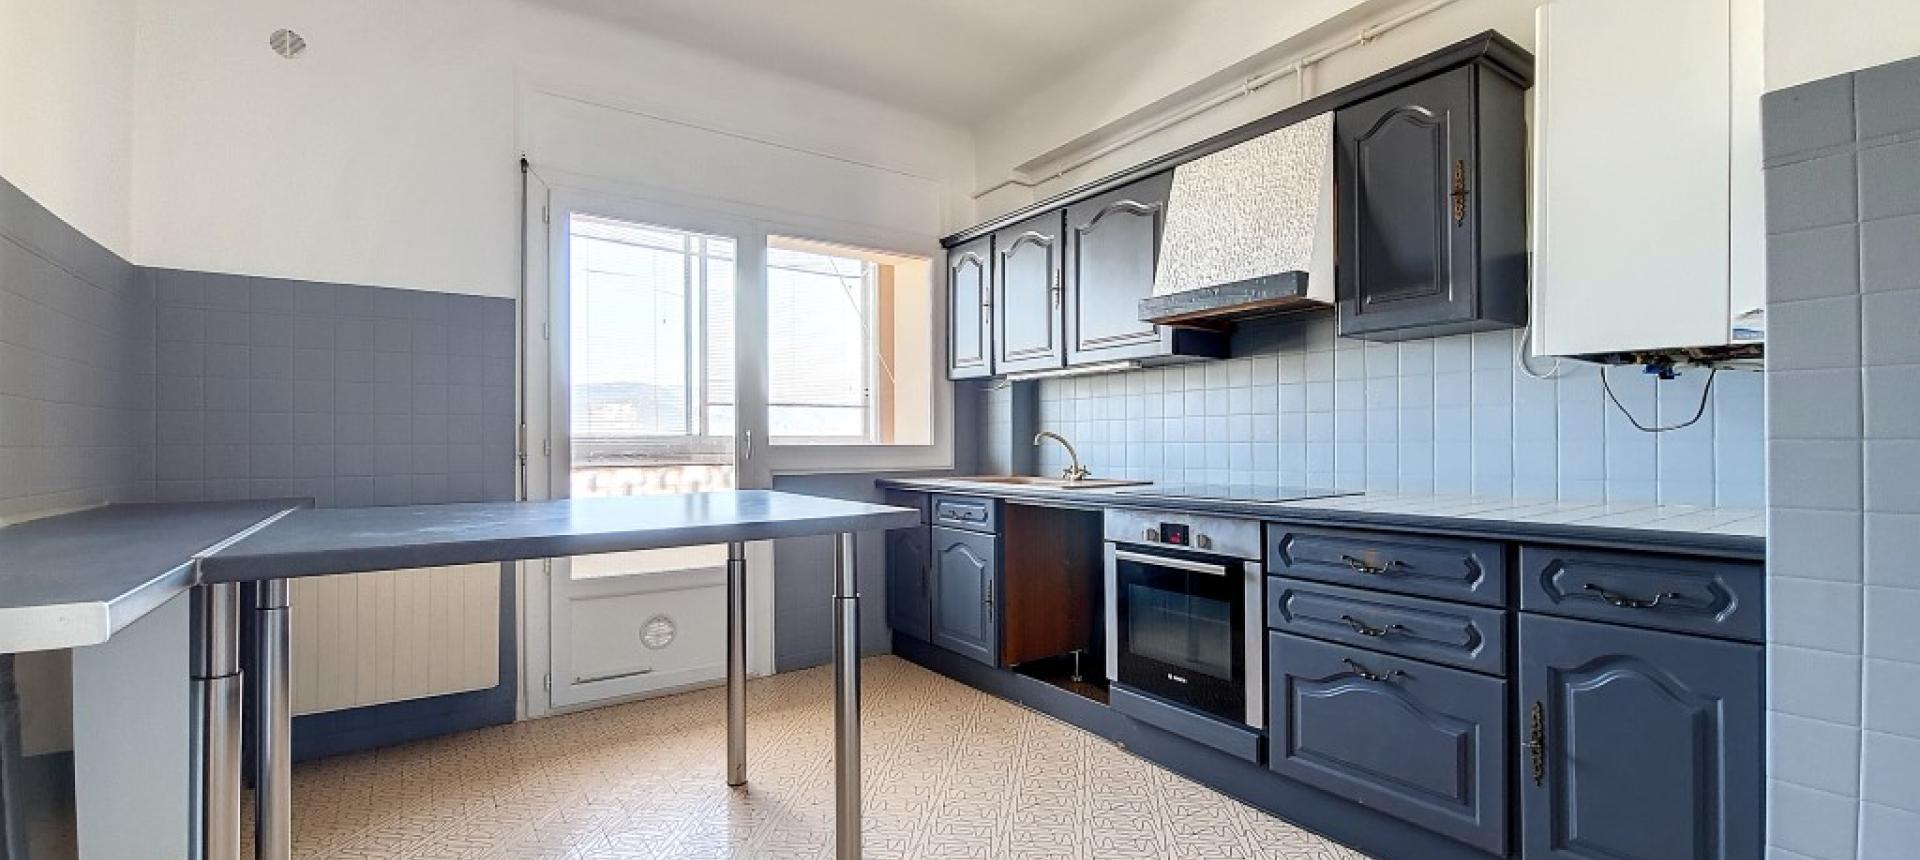 F3 à louer immeuble Masseria cuisine